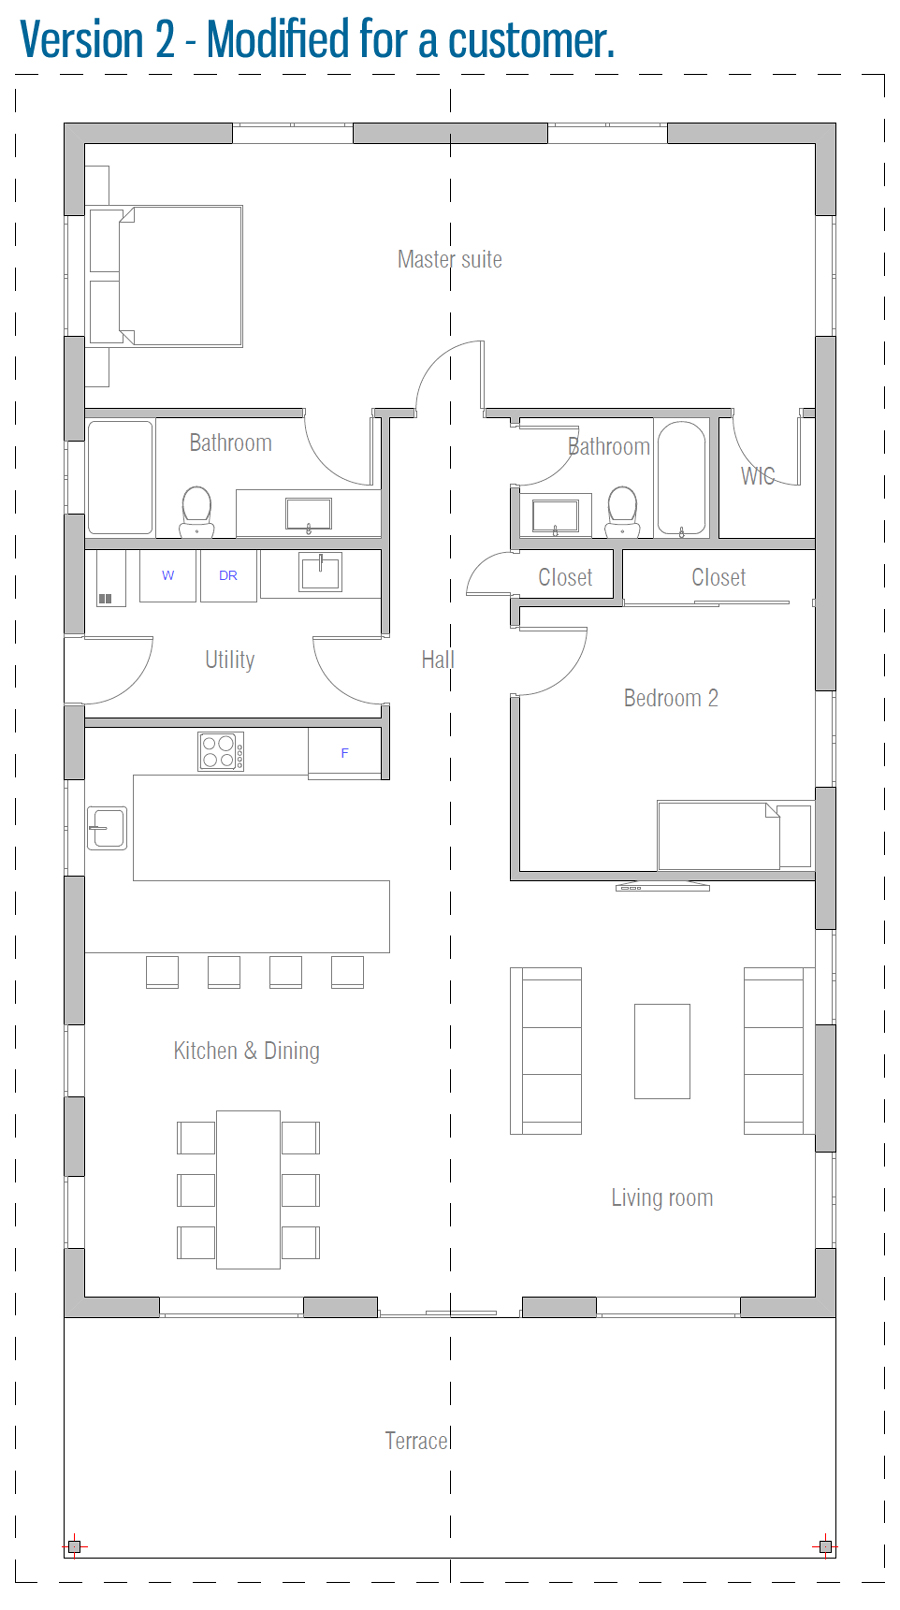 house-plans-2018_14_CH489_V2.jpg